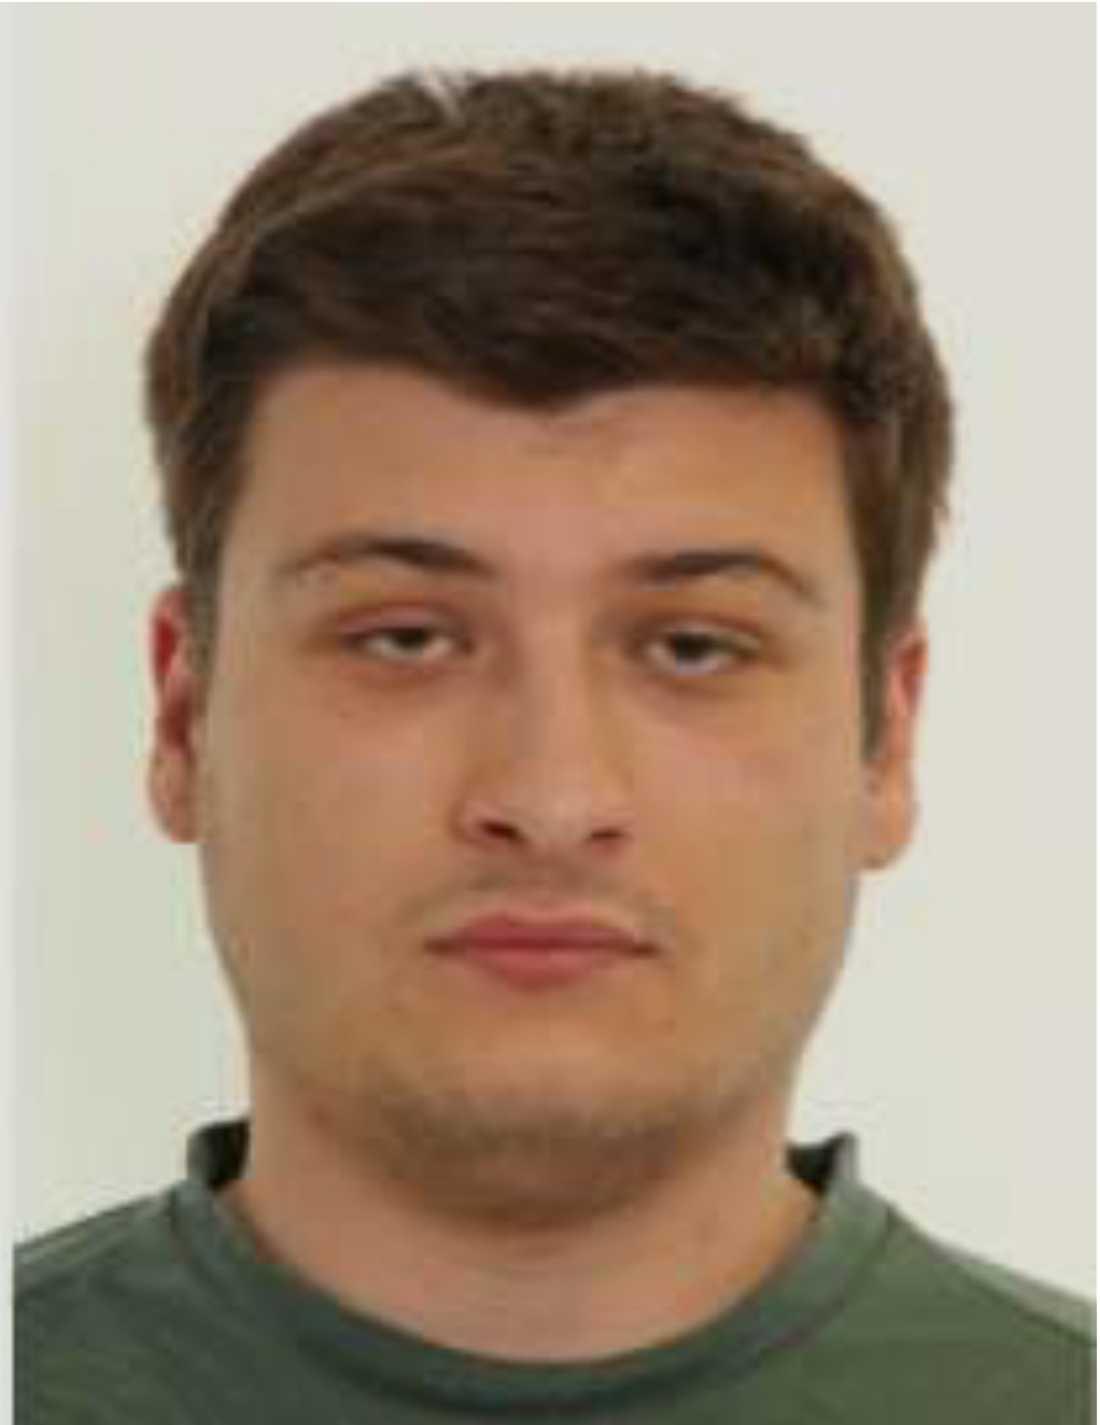 Rajan Rizvic, 28, döms till lagens strängaste straff, livstids fängelse.